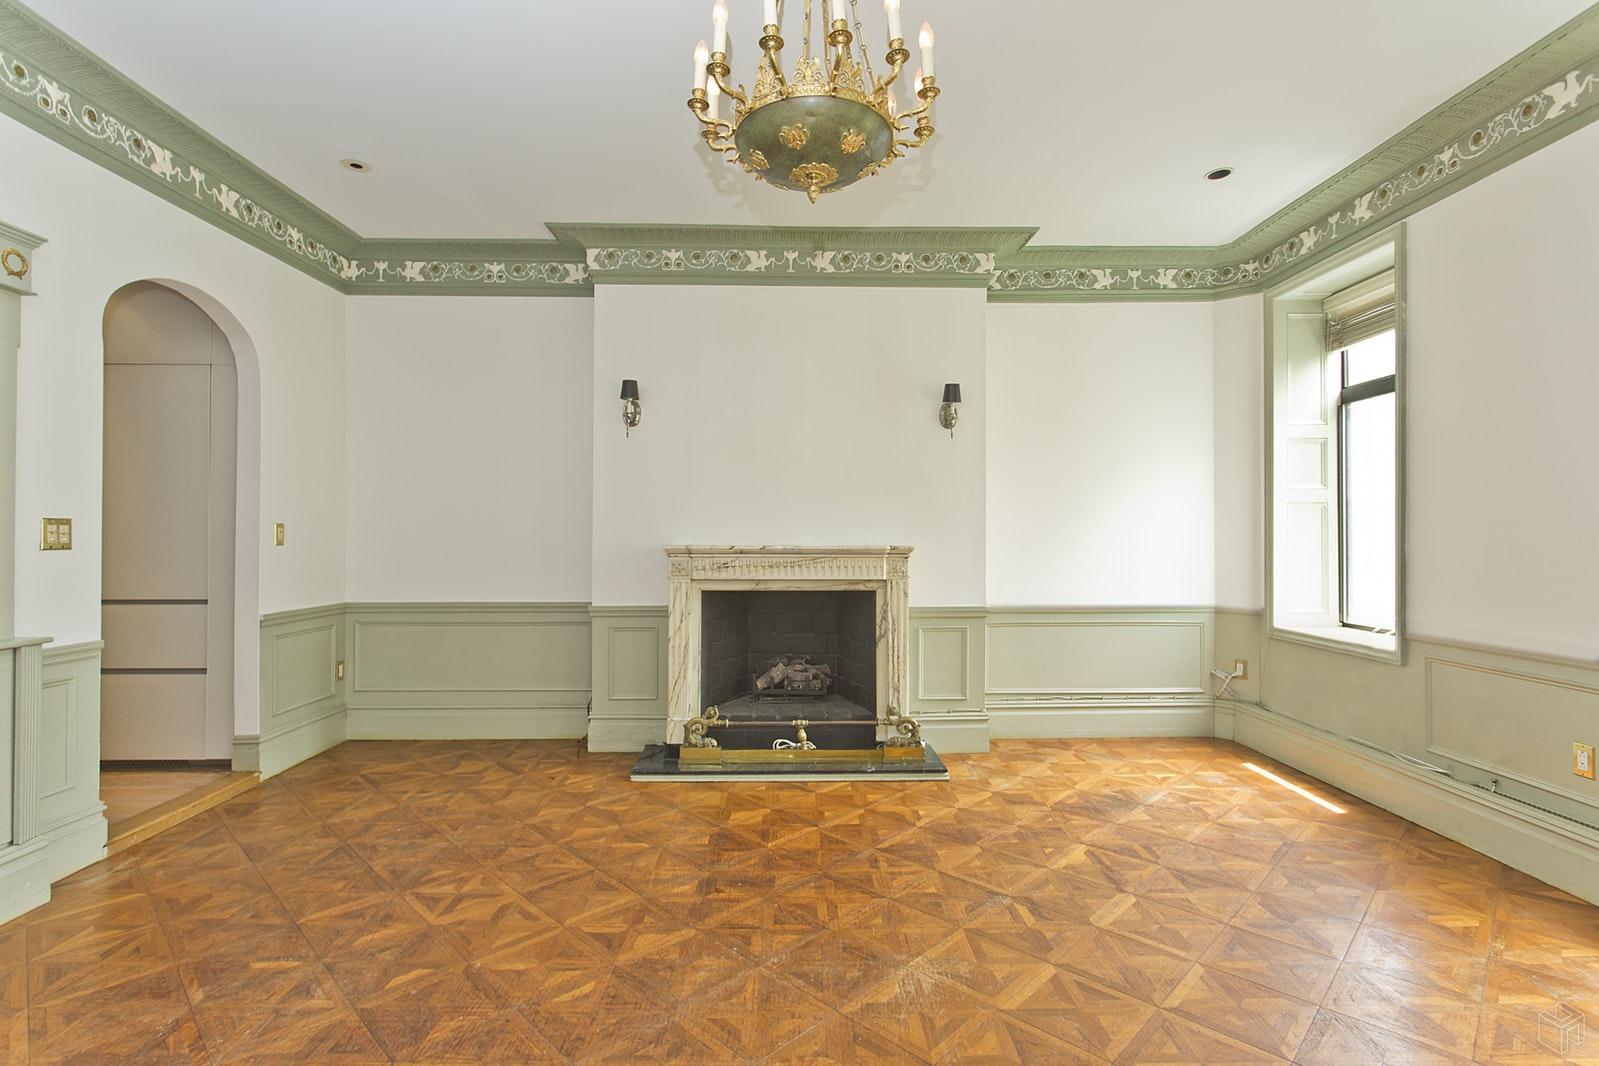 117 WEST 82ND STREET 5, Upper West Side, $4,750, Web #: 19053243